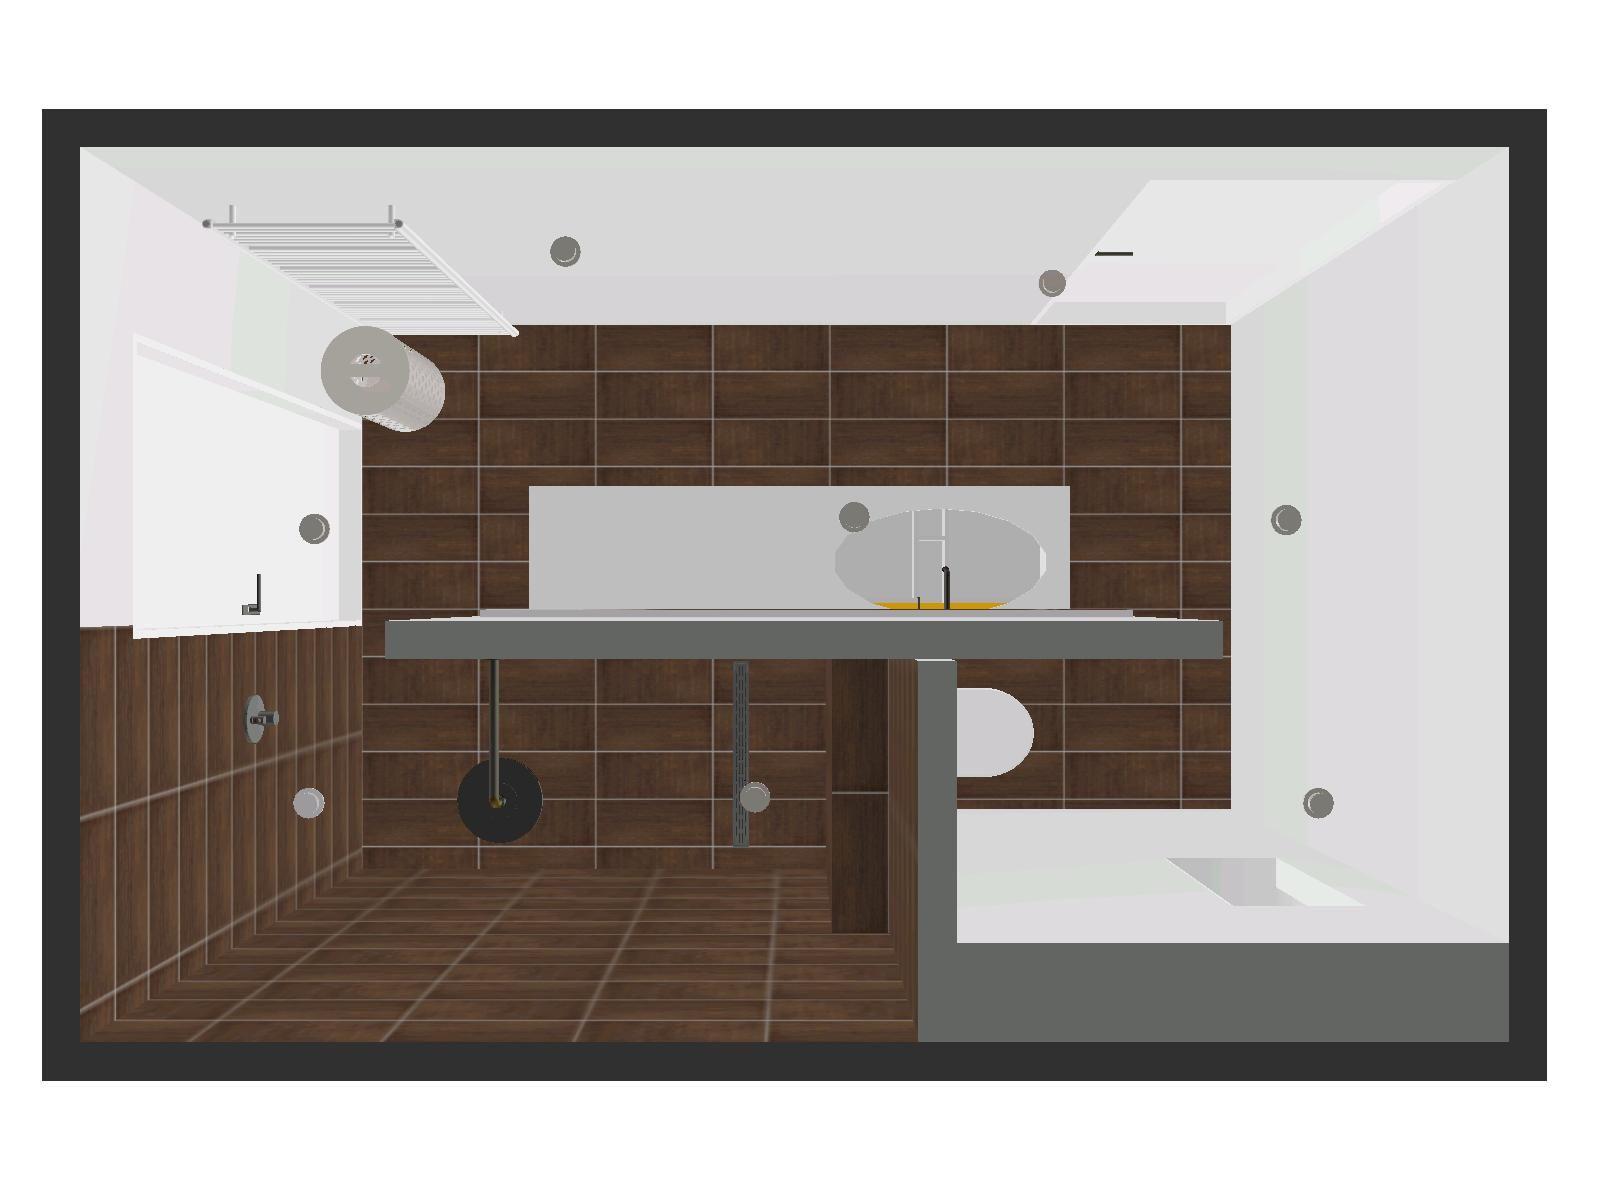 Ennovy badkamer ontwerp met mosa tegels en gestukadoorde wanden ...